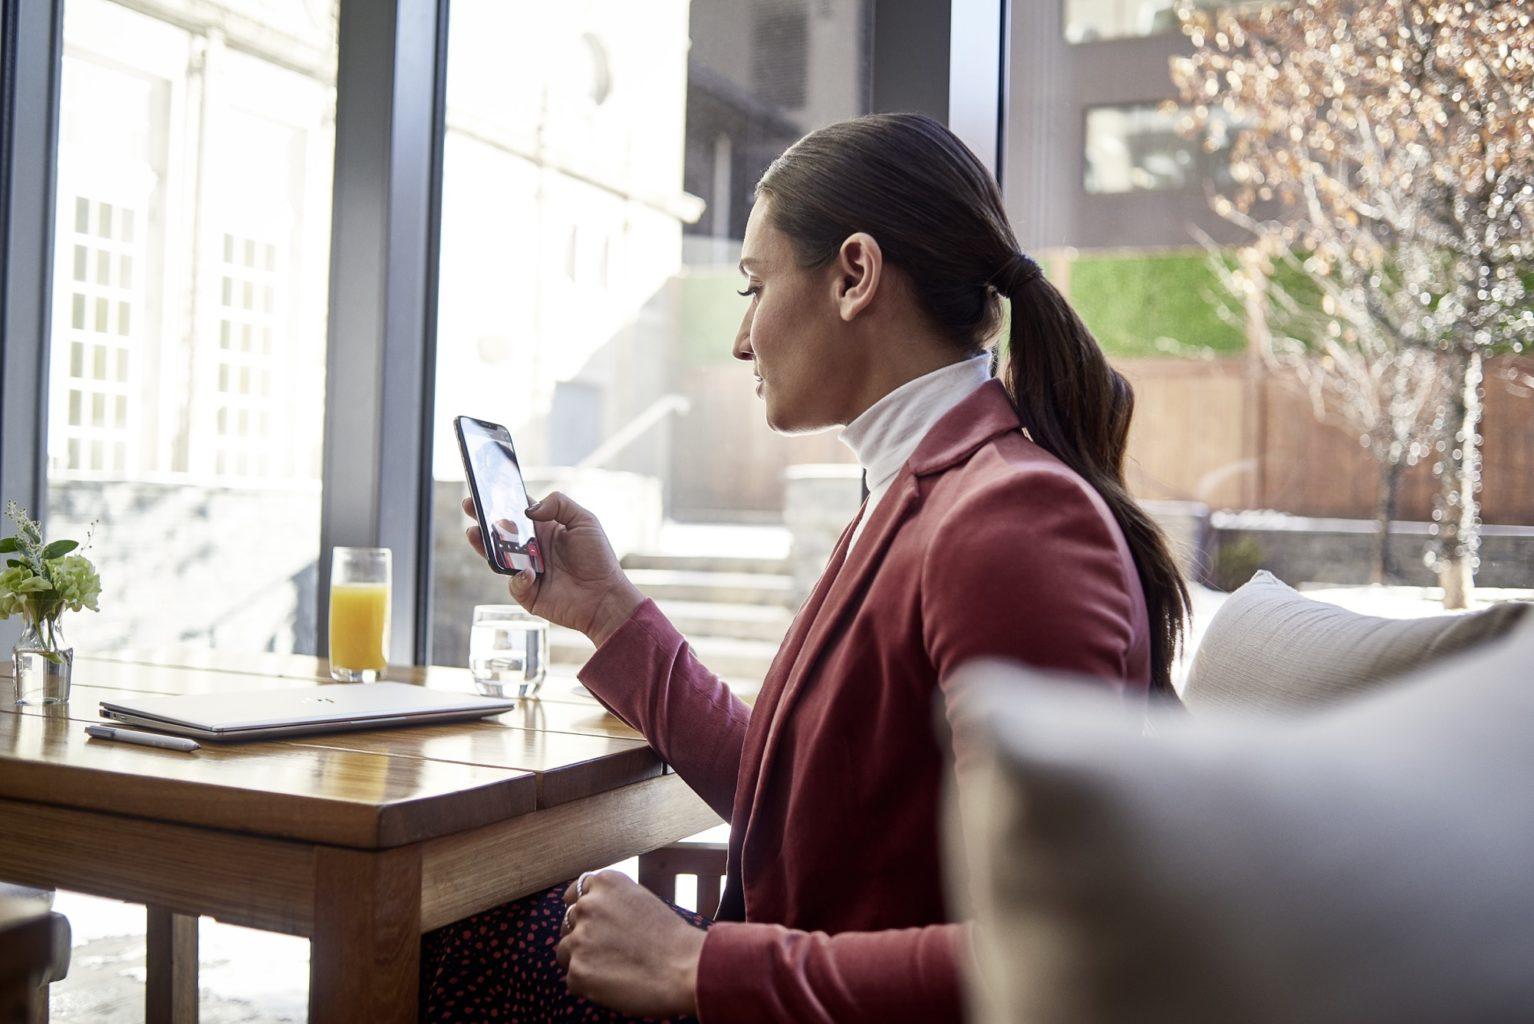 Eine Person, die an einem Tisch vor einem Fenster sitzt